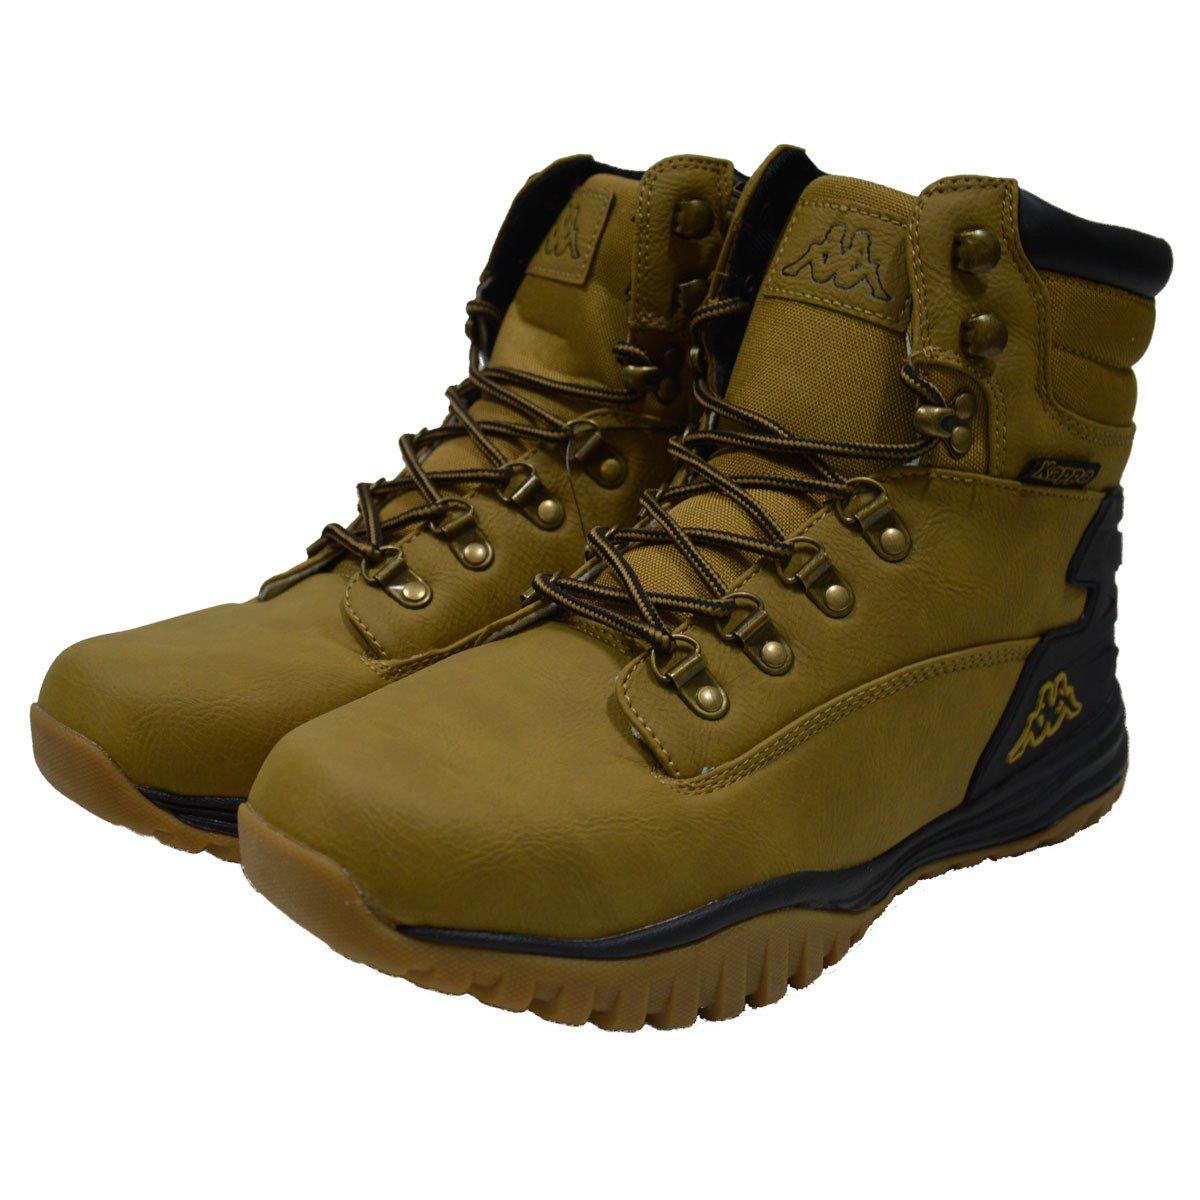 najlepsze oferty na oferować rabaty najnowszy Kappa Farum Shoes - 242155/4111